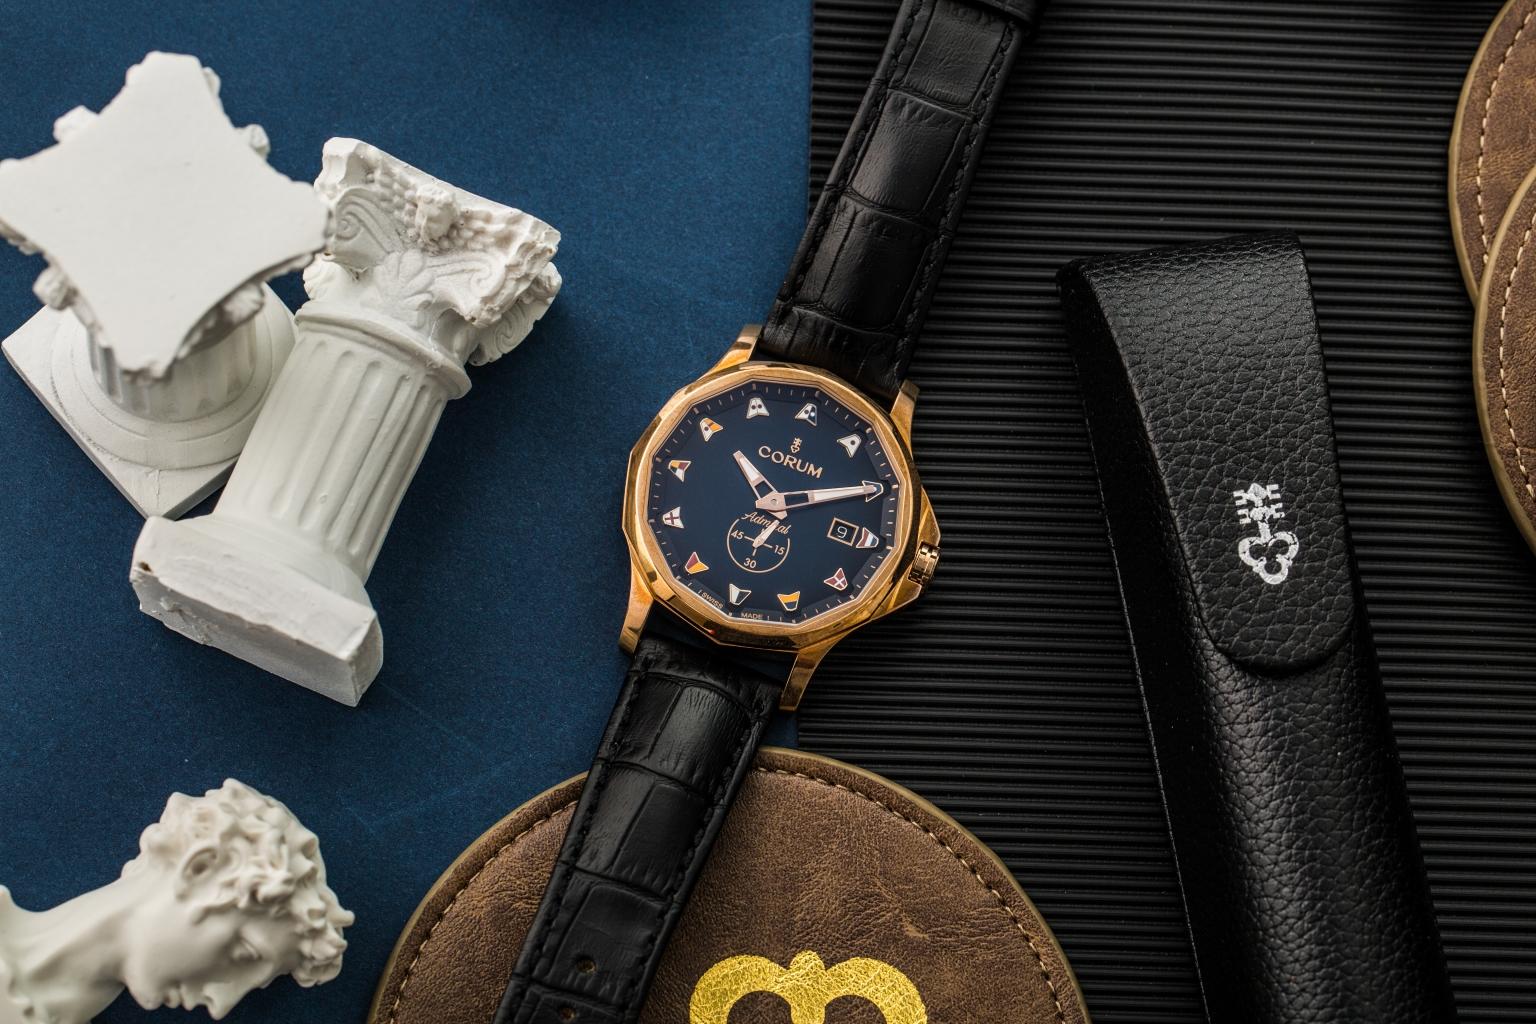 Admiral Legend 42 Bronze海軍上將系列青銅腕錶